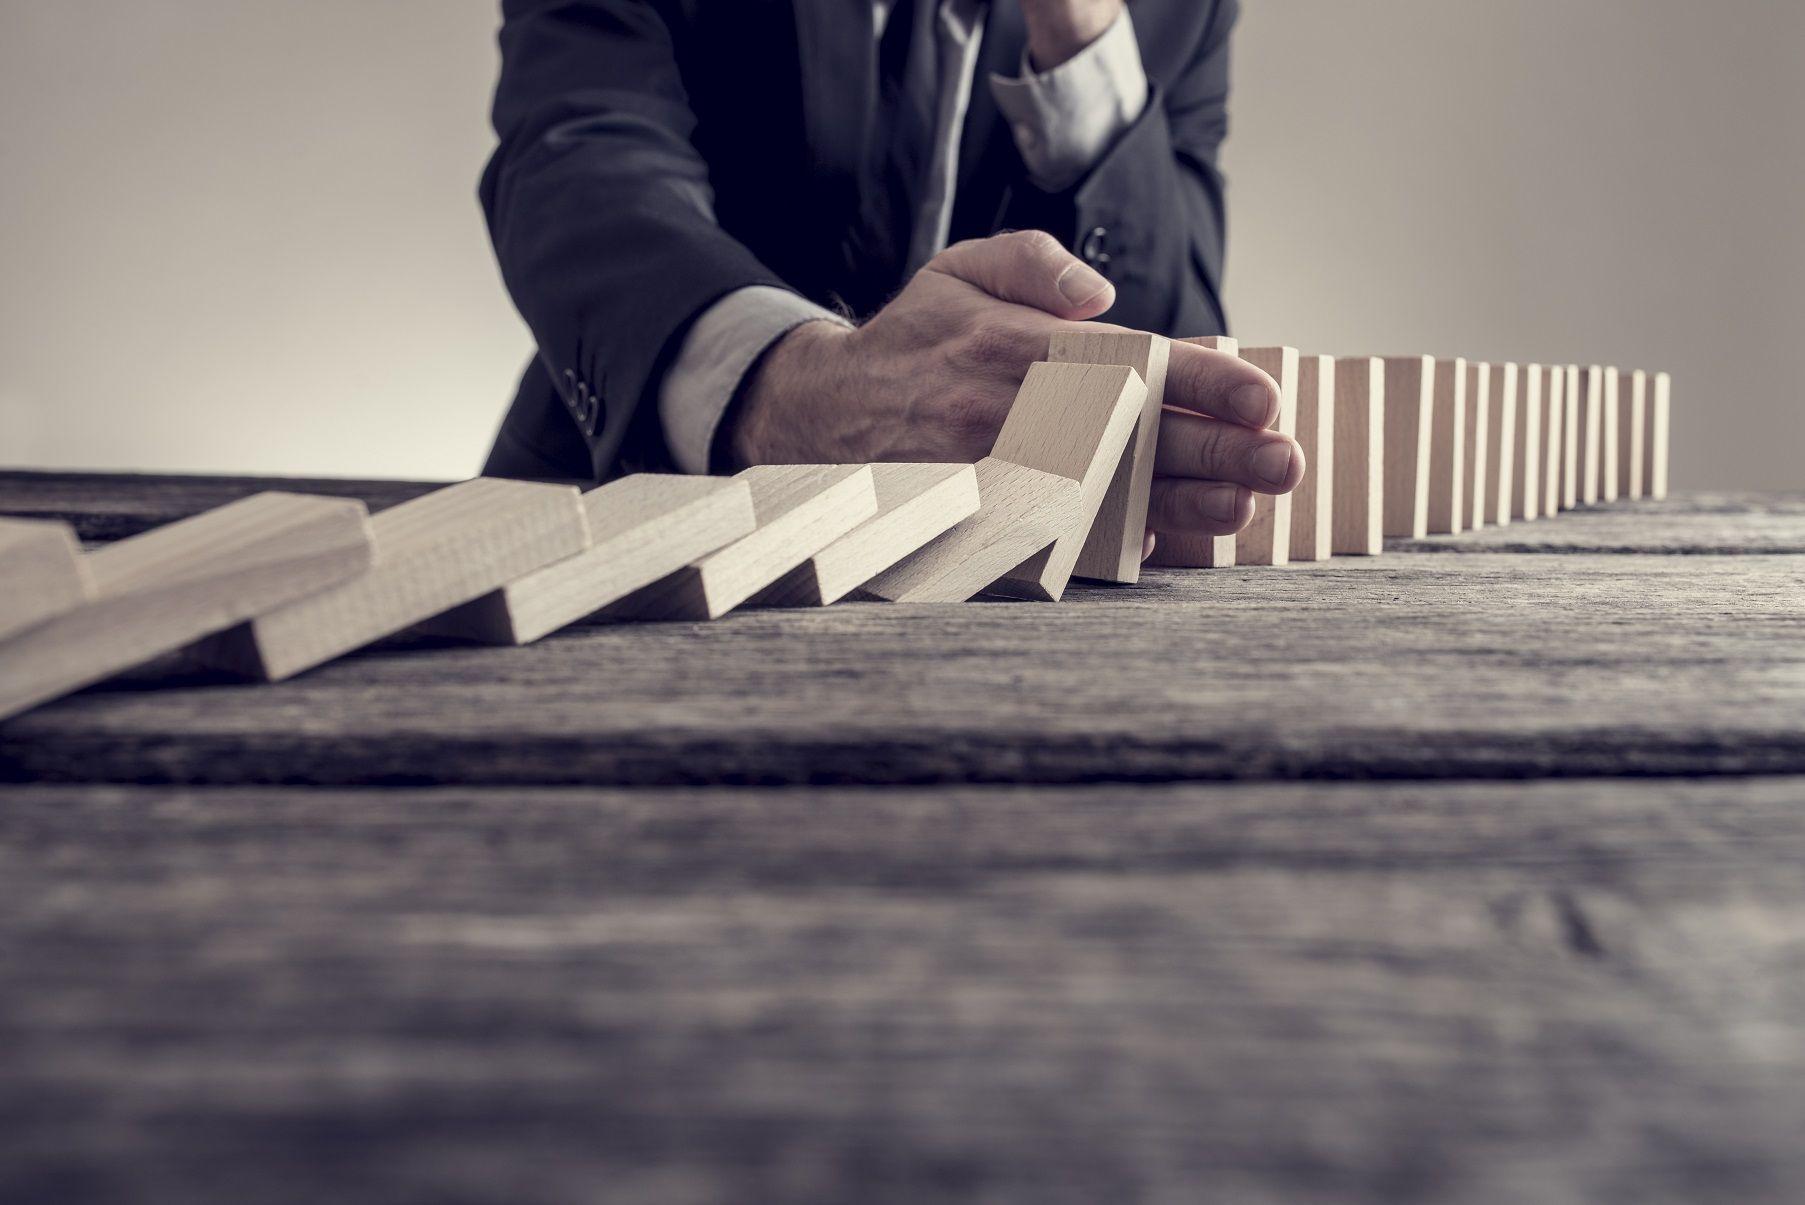 Будут ли наследники владельцев компаний отвечать за их долги - решит Верховный Суд